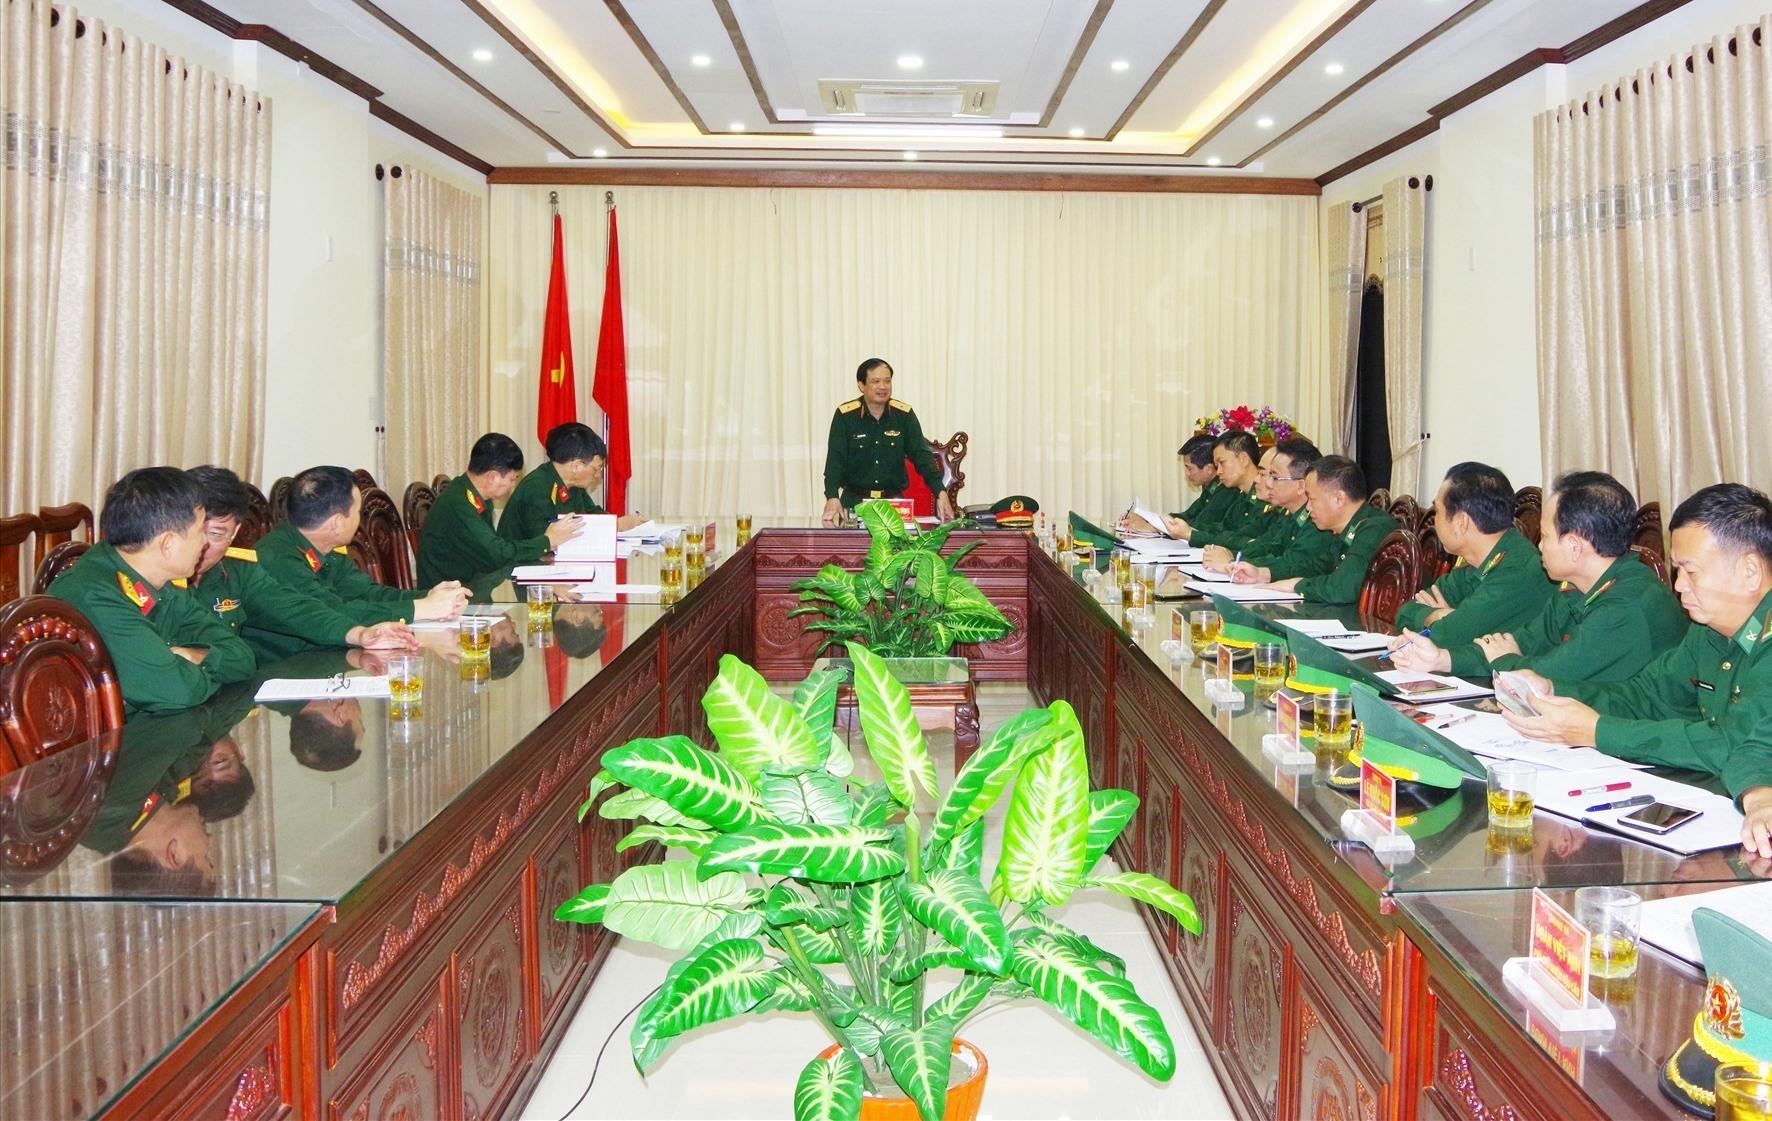 Thiếu tướng Phạm Mạnh Cường, Phó Chủ nhiệm Tổng cục Hậu cần kiểm tra công tác khắc phục hậu quả bão, lũ tại Quảng Nam. Ảnh: HỒNG ANH